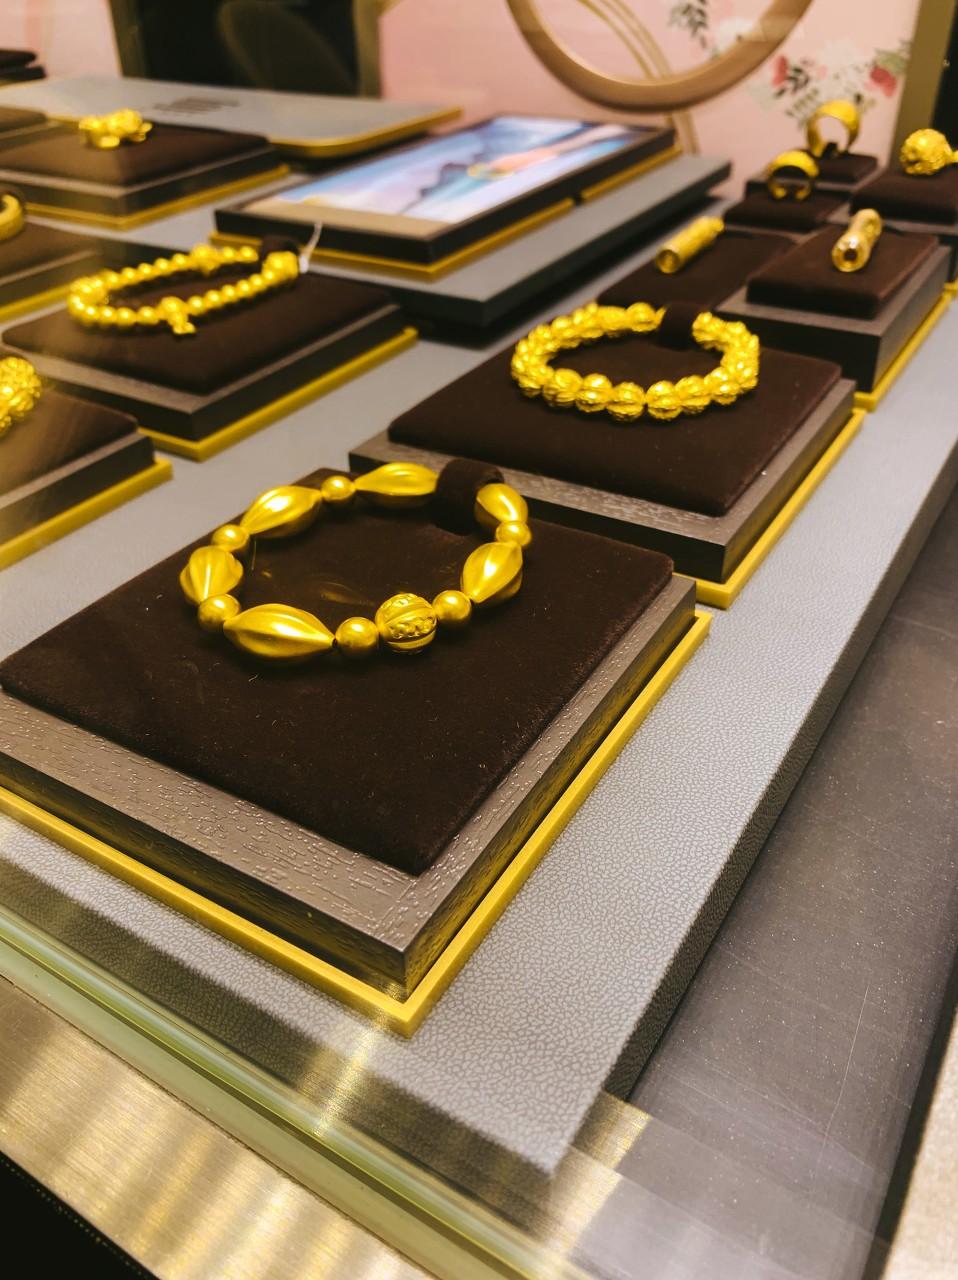 金店员工监守自盗 盗走店内价值12万的黄金首饰